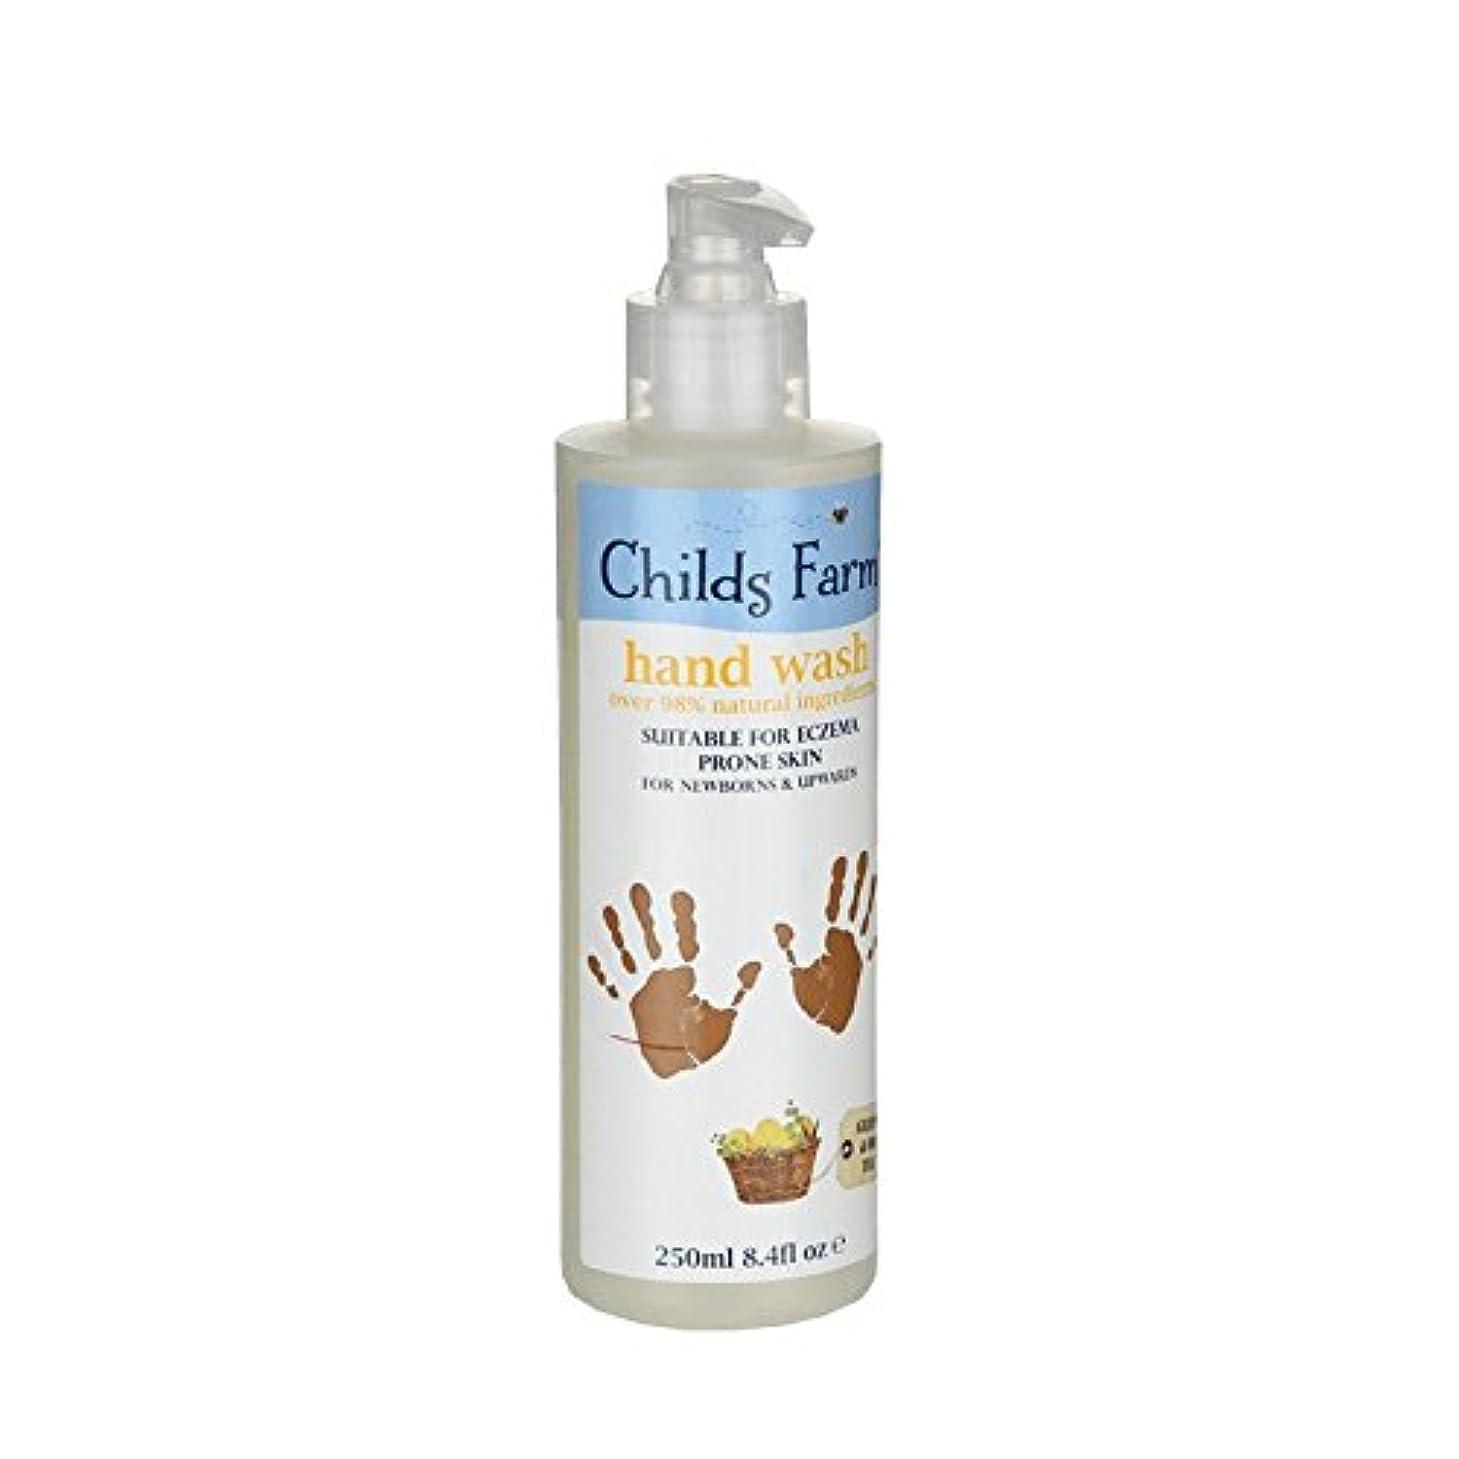 ボウリング生むパンツChilds Farm Hand Wash for Mucky Mitts 250ml (Pack of 6) - 汚いミット250ミリリットルのためのチャイルズファーム手洗い (x6) [並行輸入品]